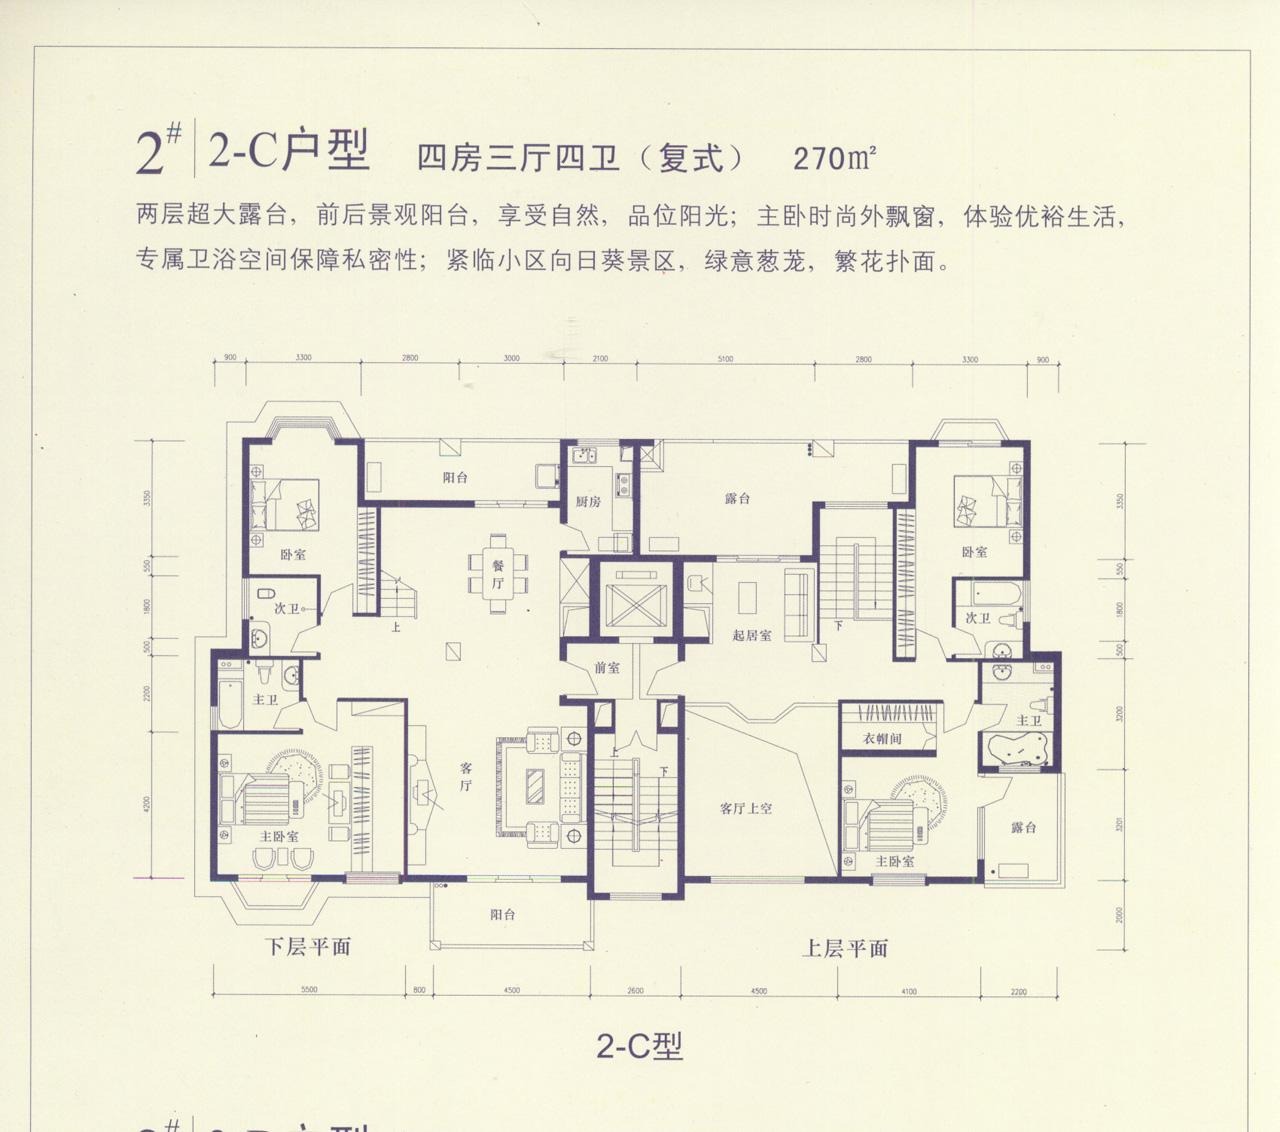 南湖花园住宅小区 6-d户型 四房三厅三卫(错层复式) 户型图